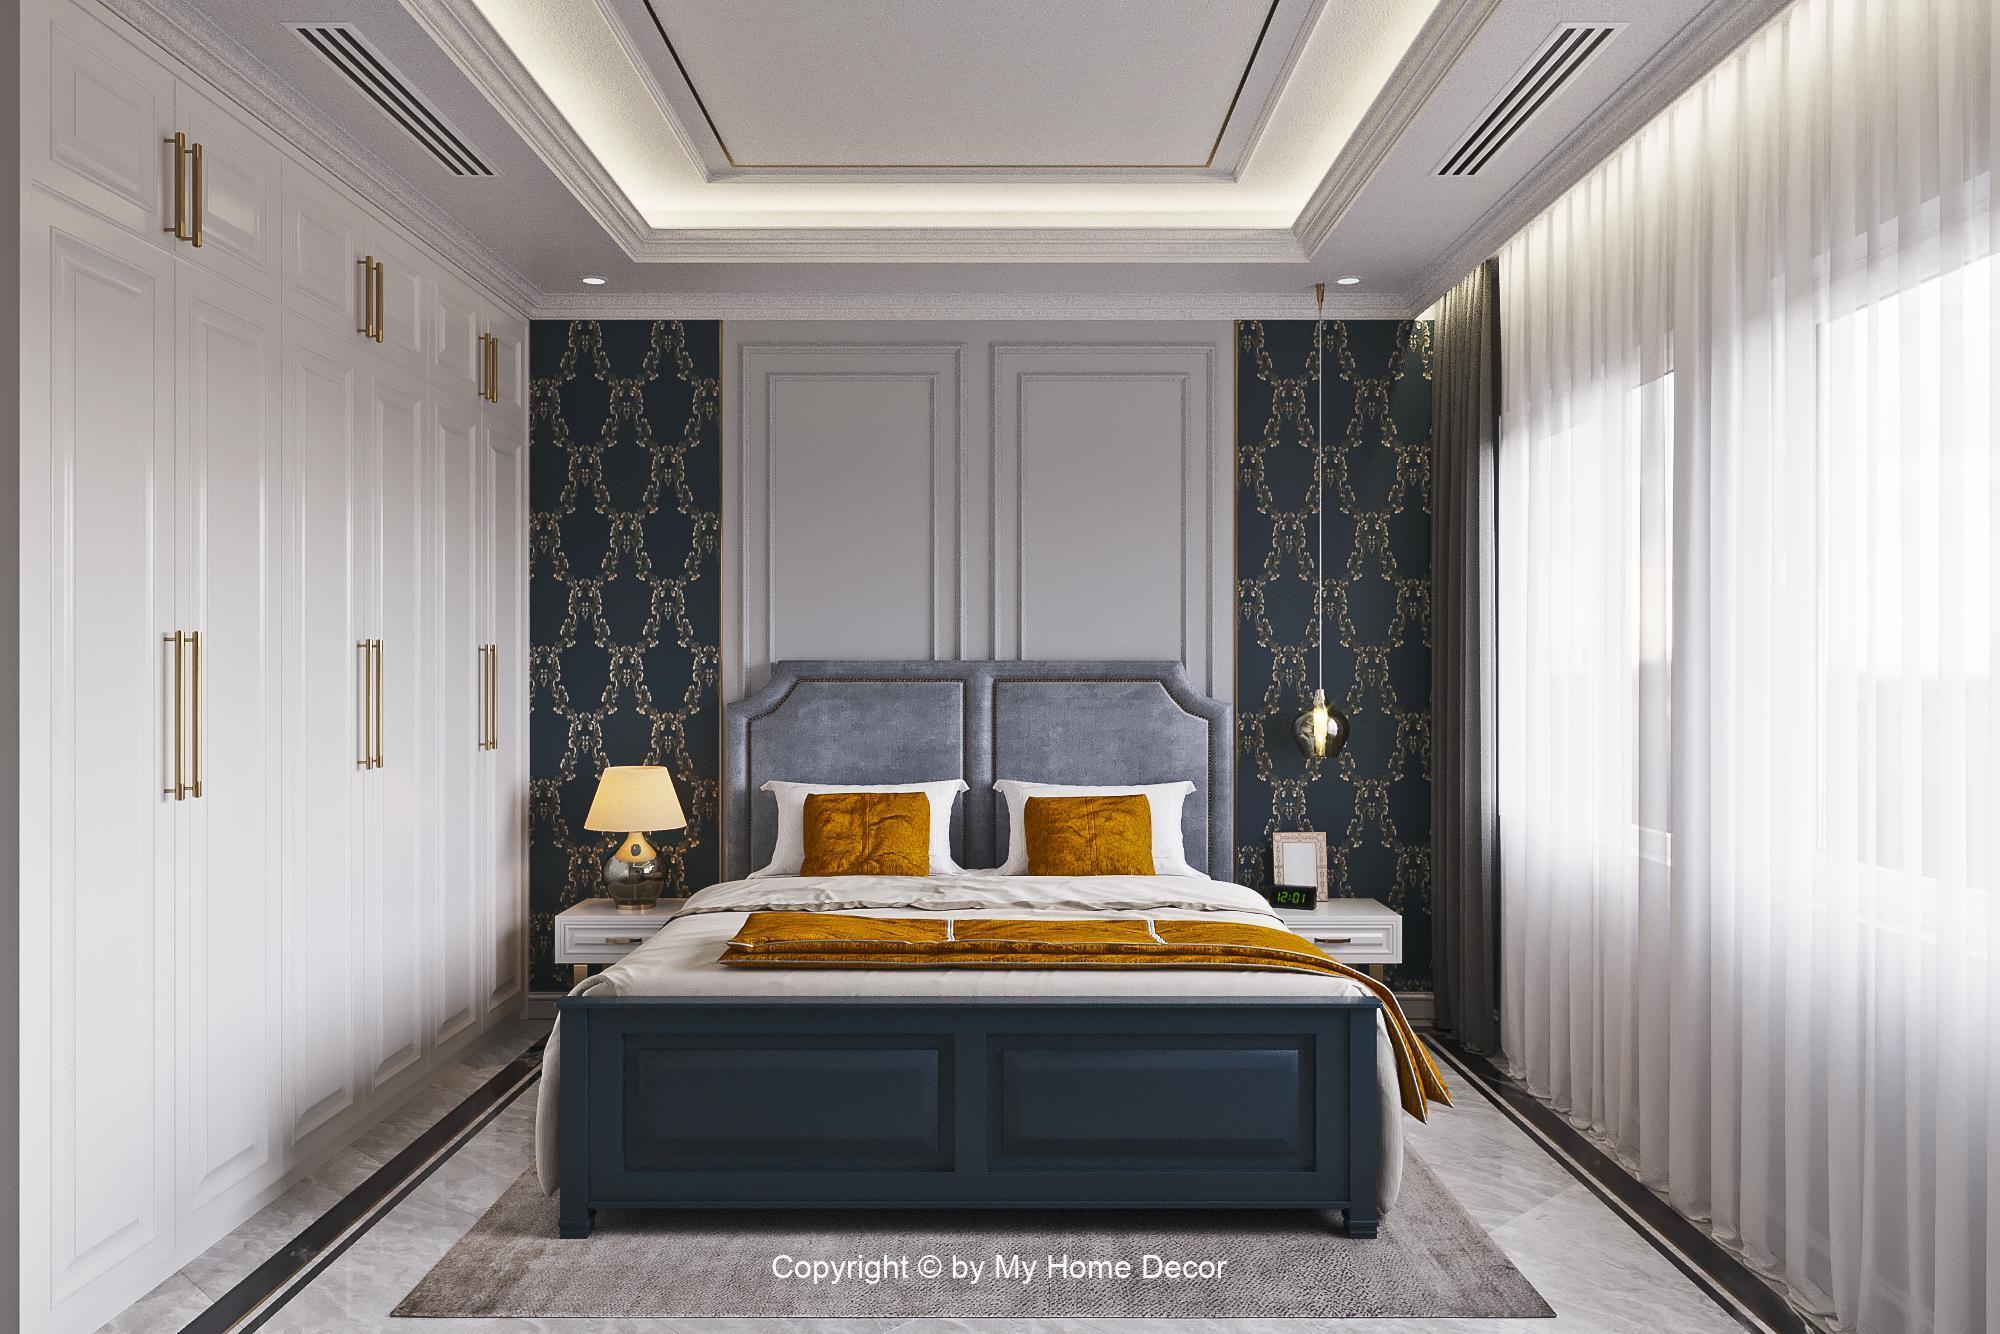 Thiết kế nội thất phối cảnh phòng ngủ.